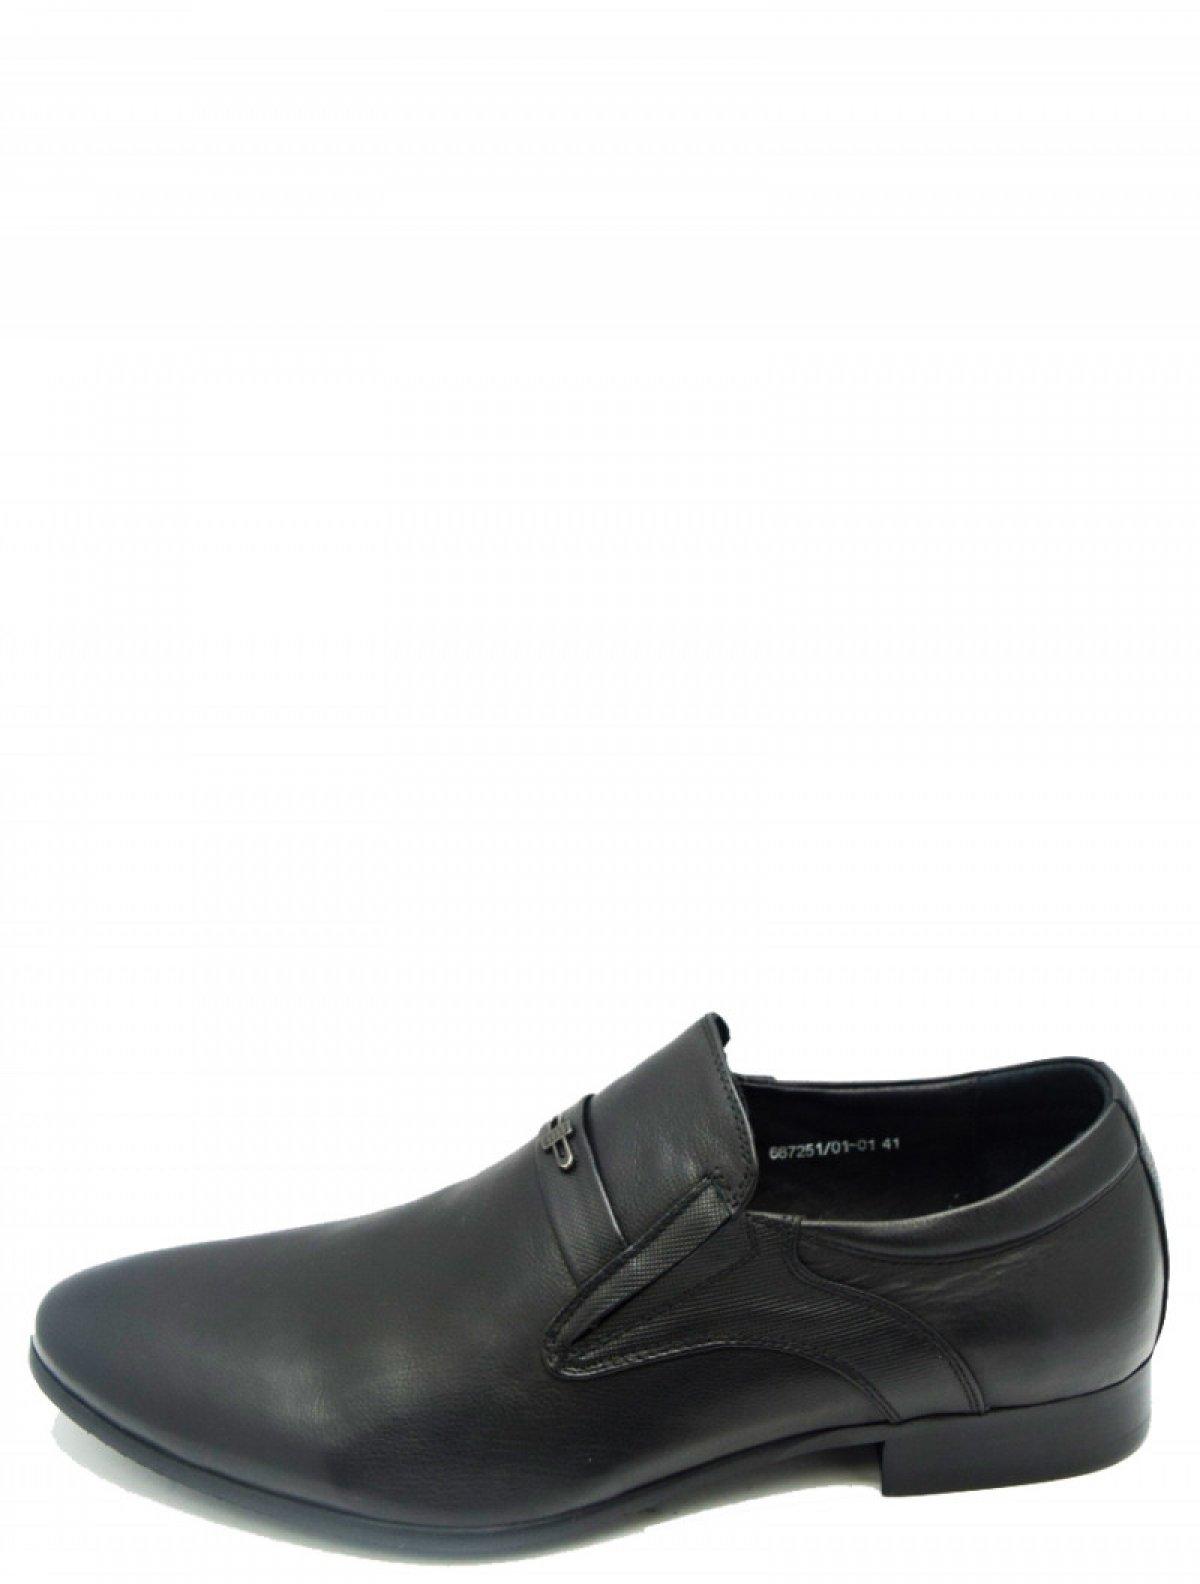 Hortos 687251/01-01 мужские туфли